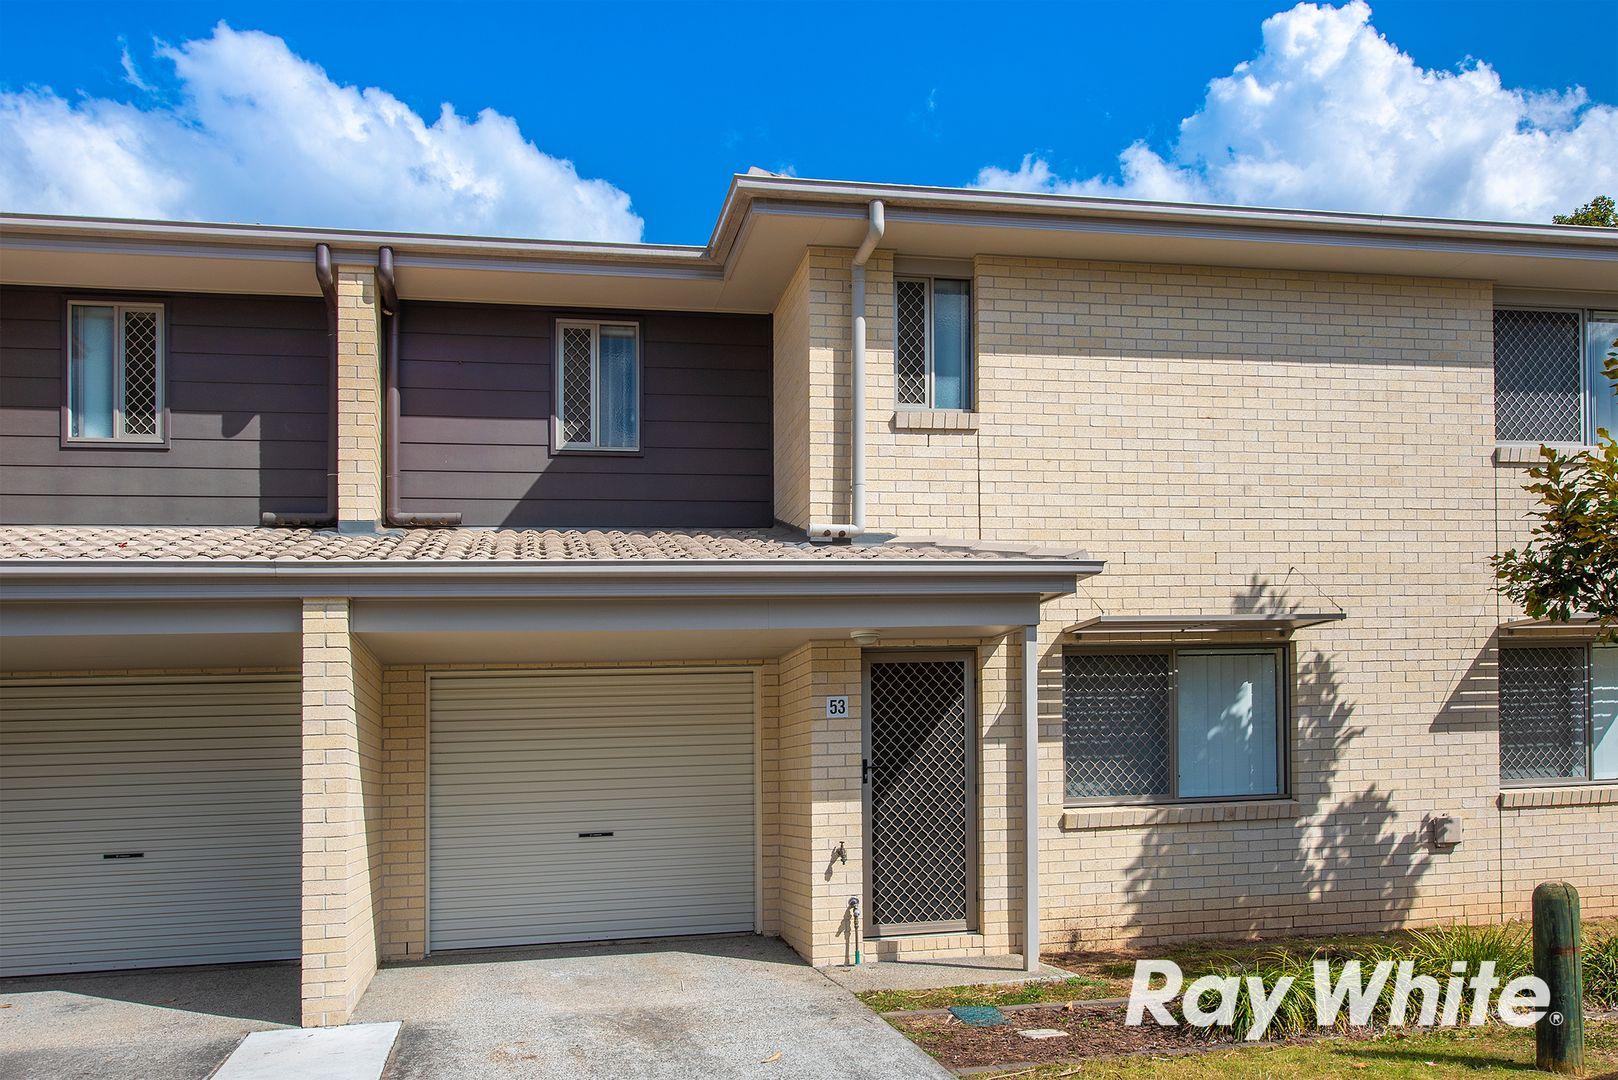 53/140-142 Eagleby Road, Eagleby QLD 4207, Image 0